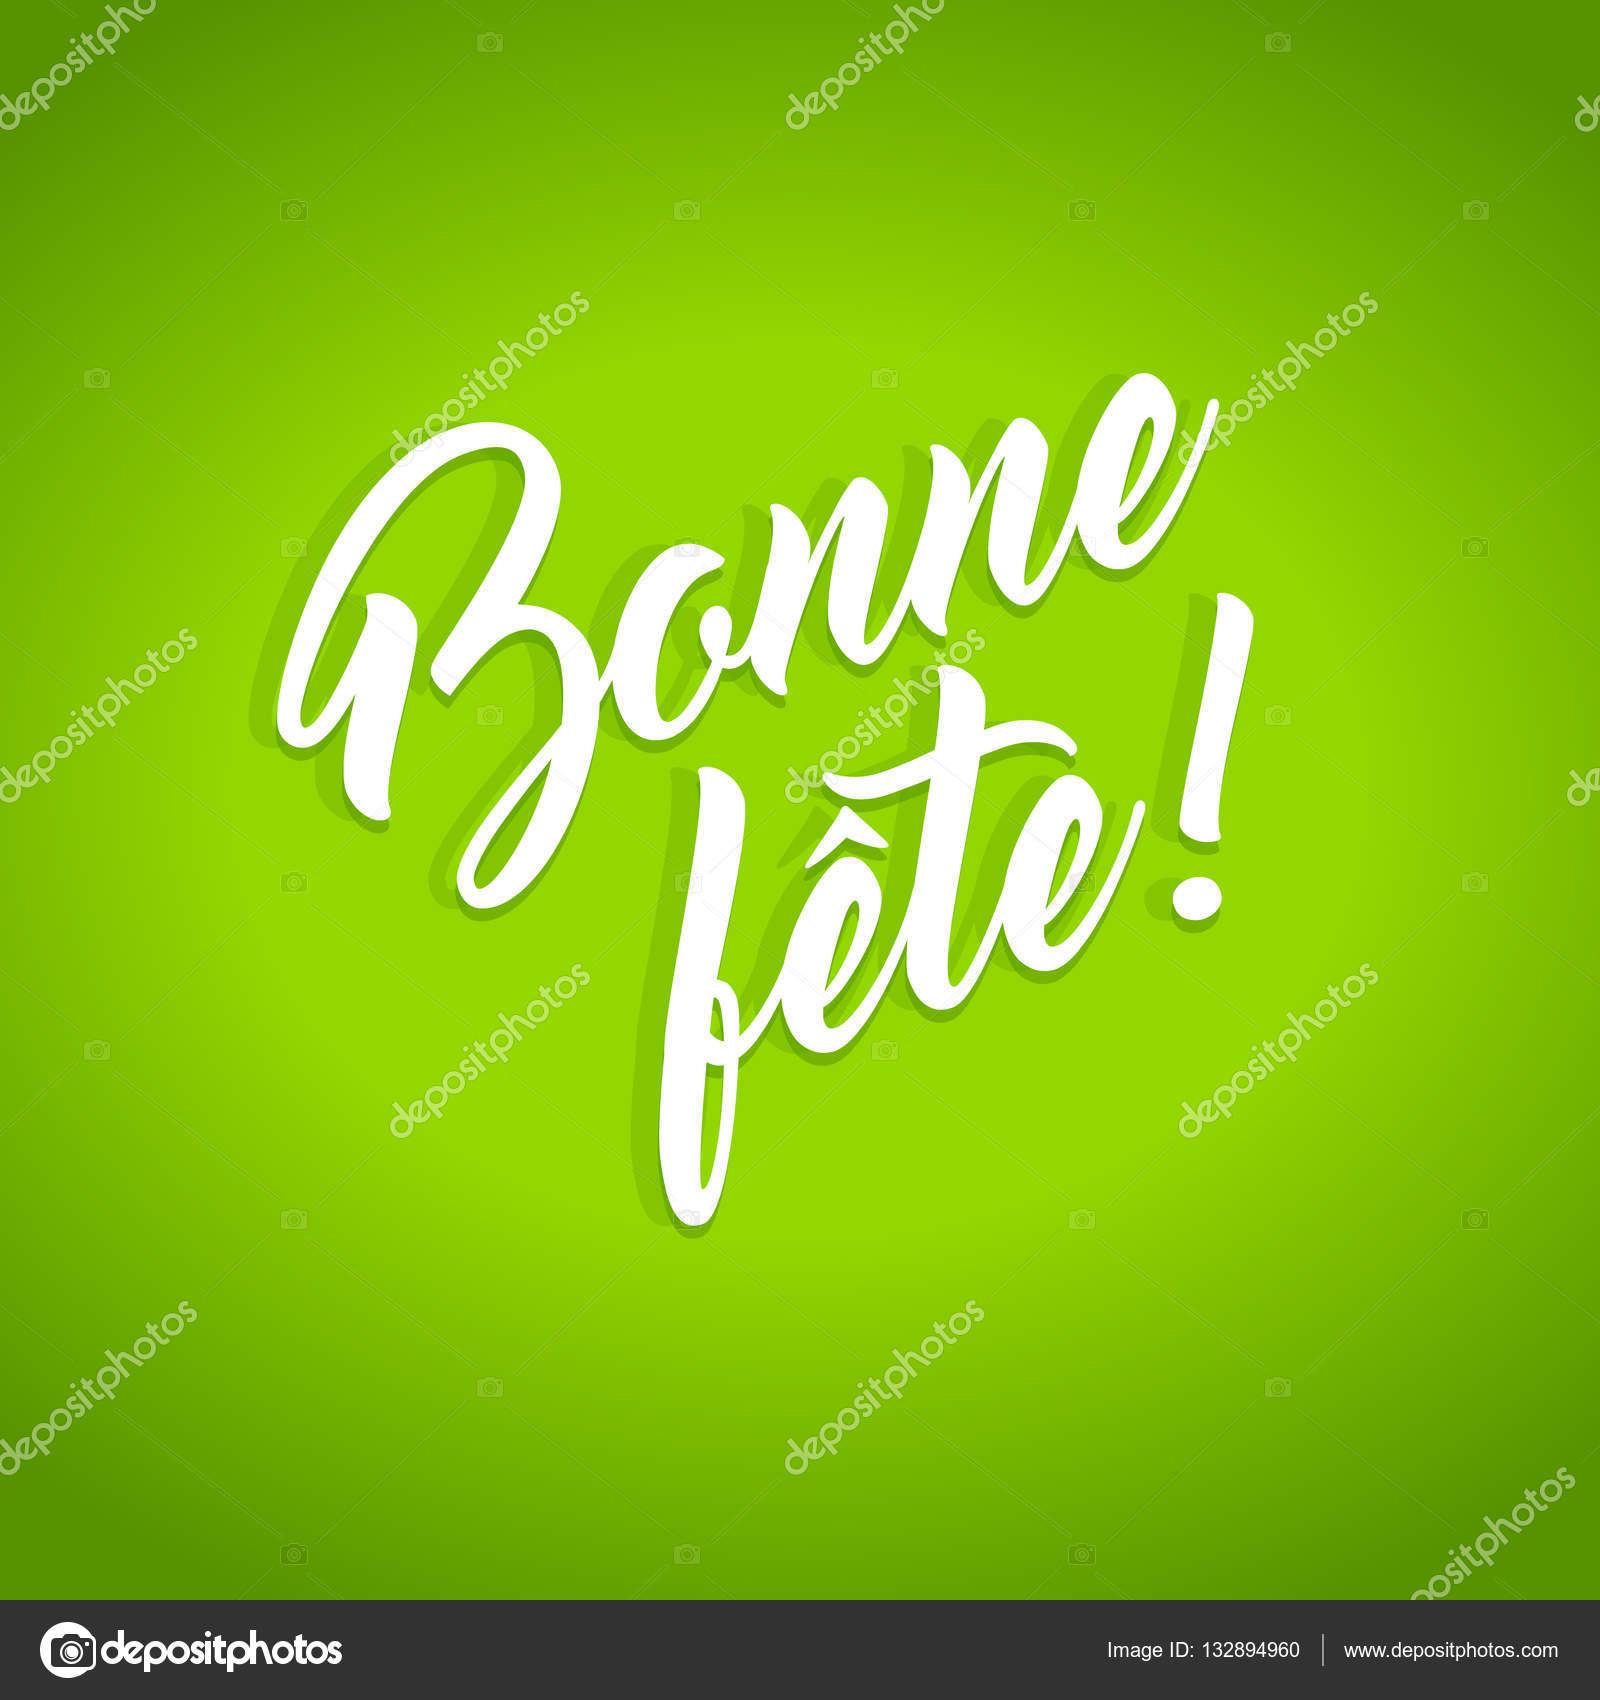 grattis på födelsedagen på franska Grattis på födelsedagen i franska — Stock Vektor © Mictoon #132894960 grattis på födelsedagen på franska